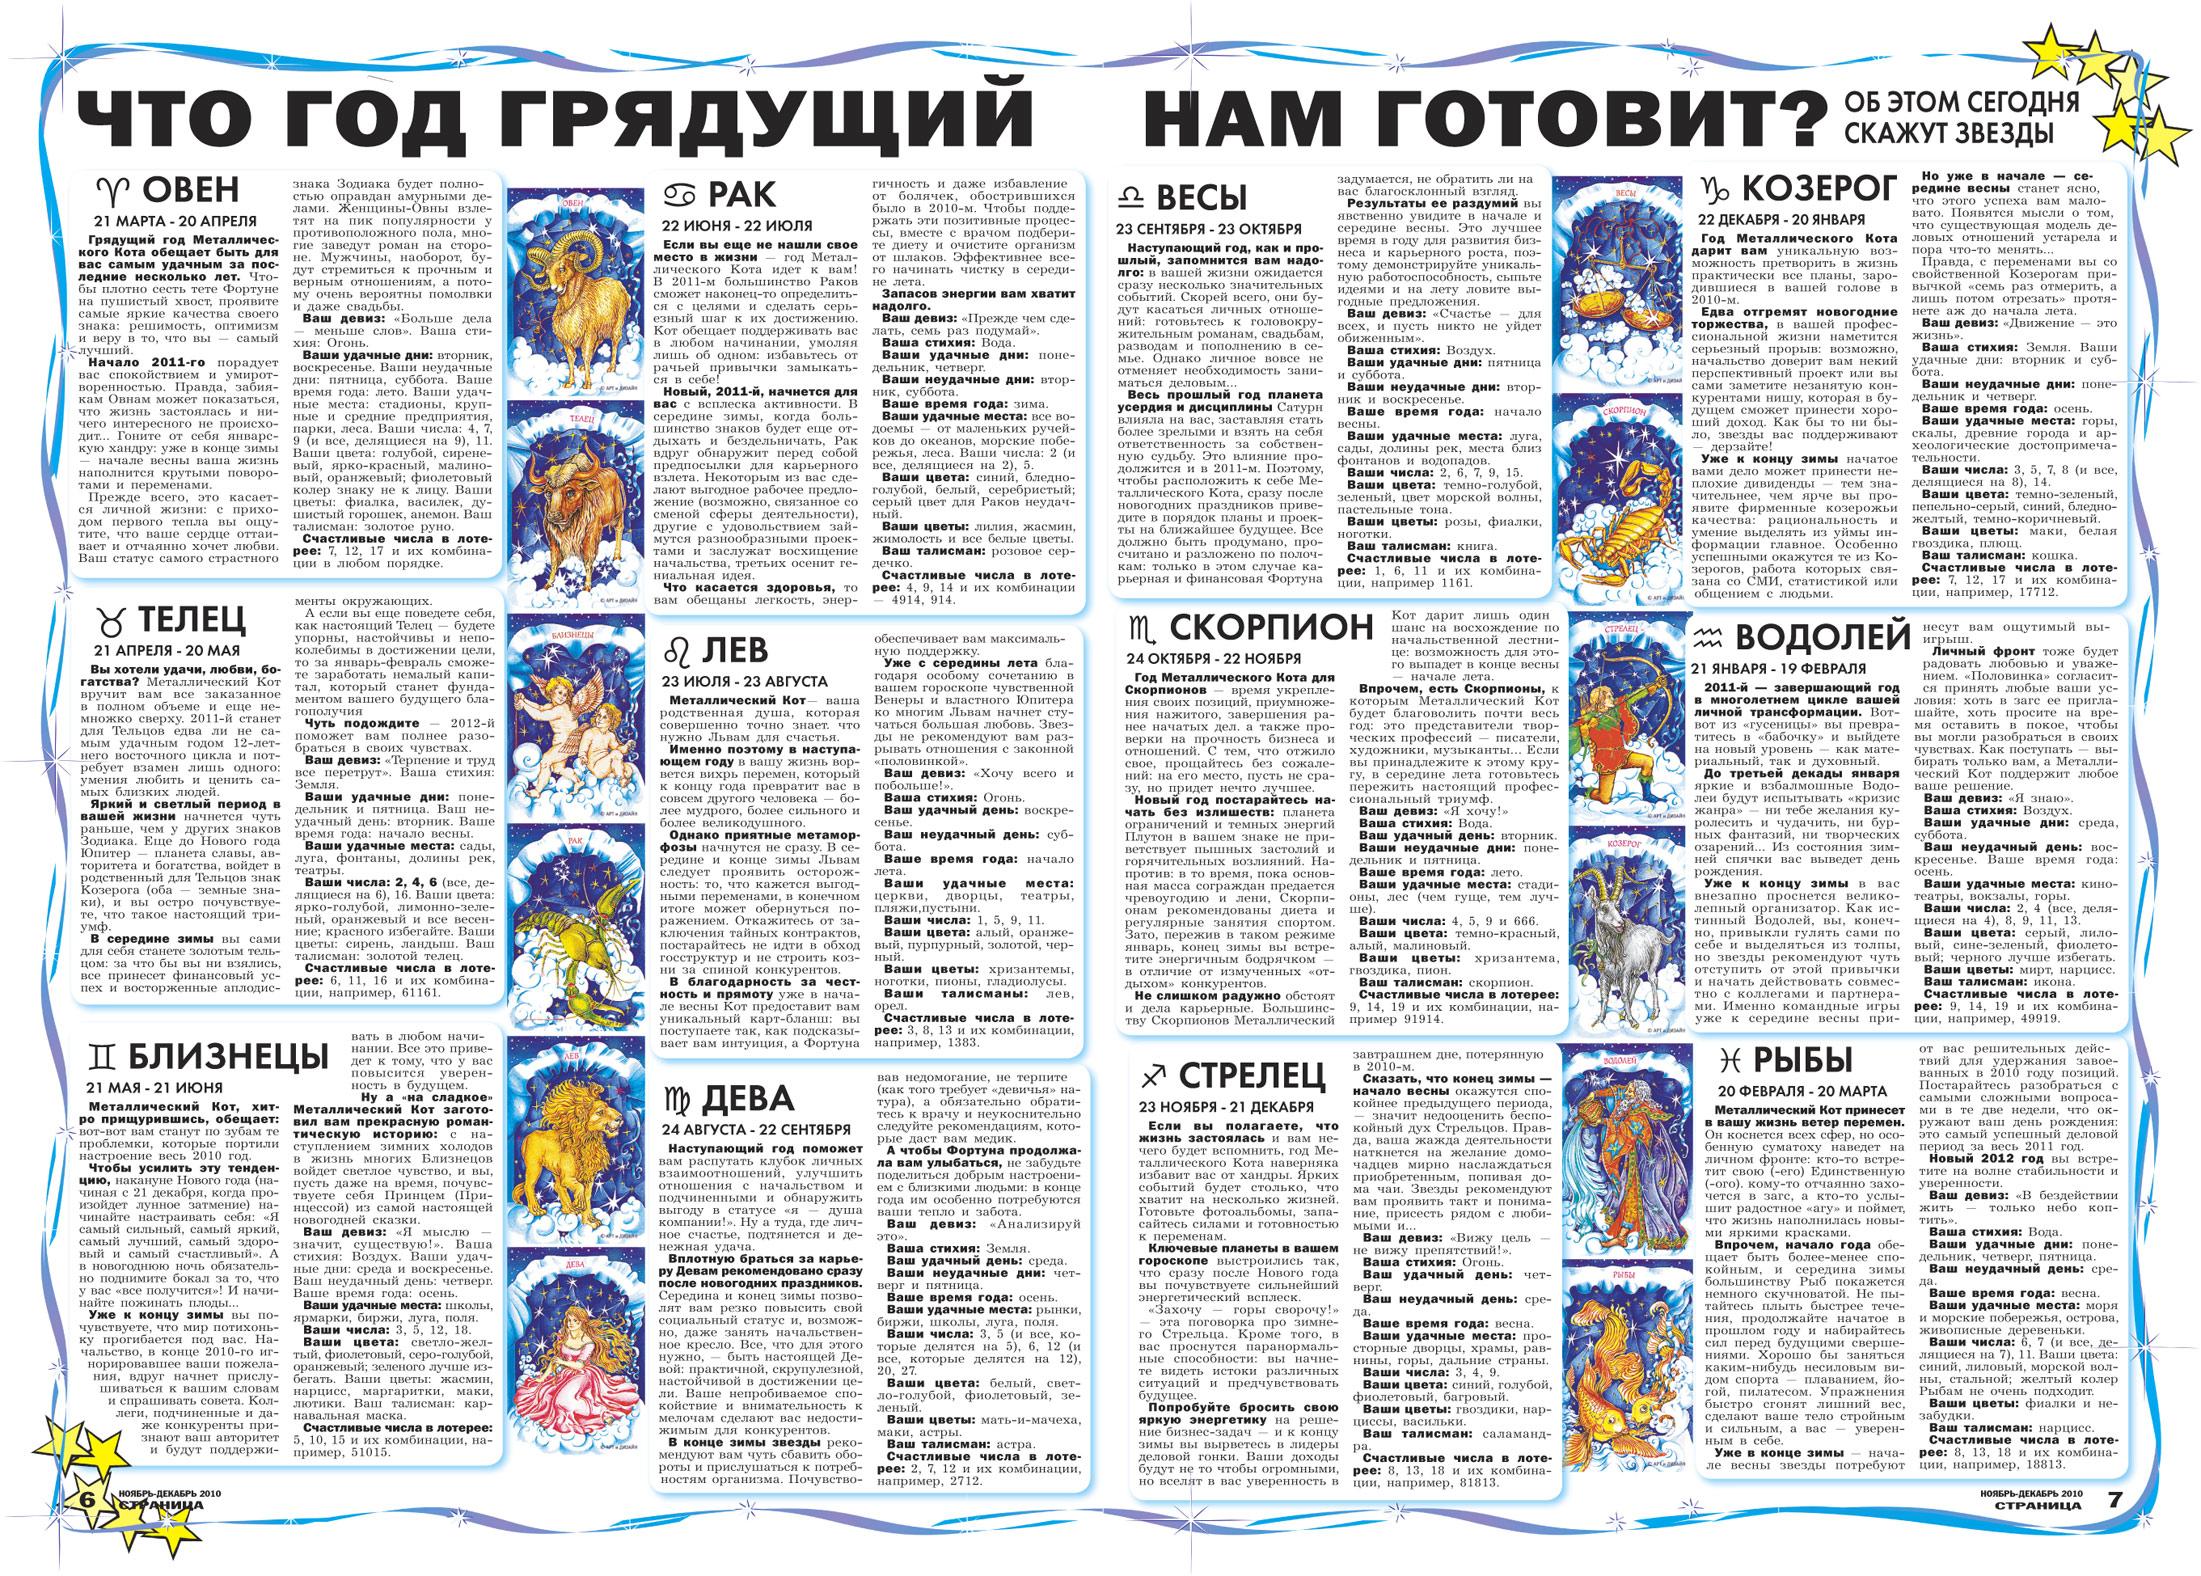 Блог полезных советов: гороскоп на 2011 год для всех знаков зодиака.